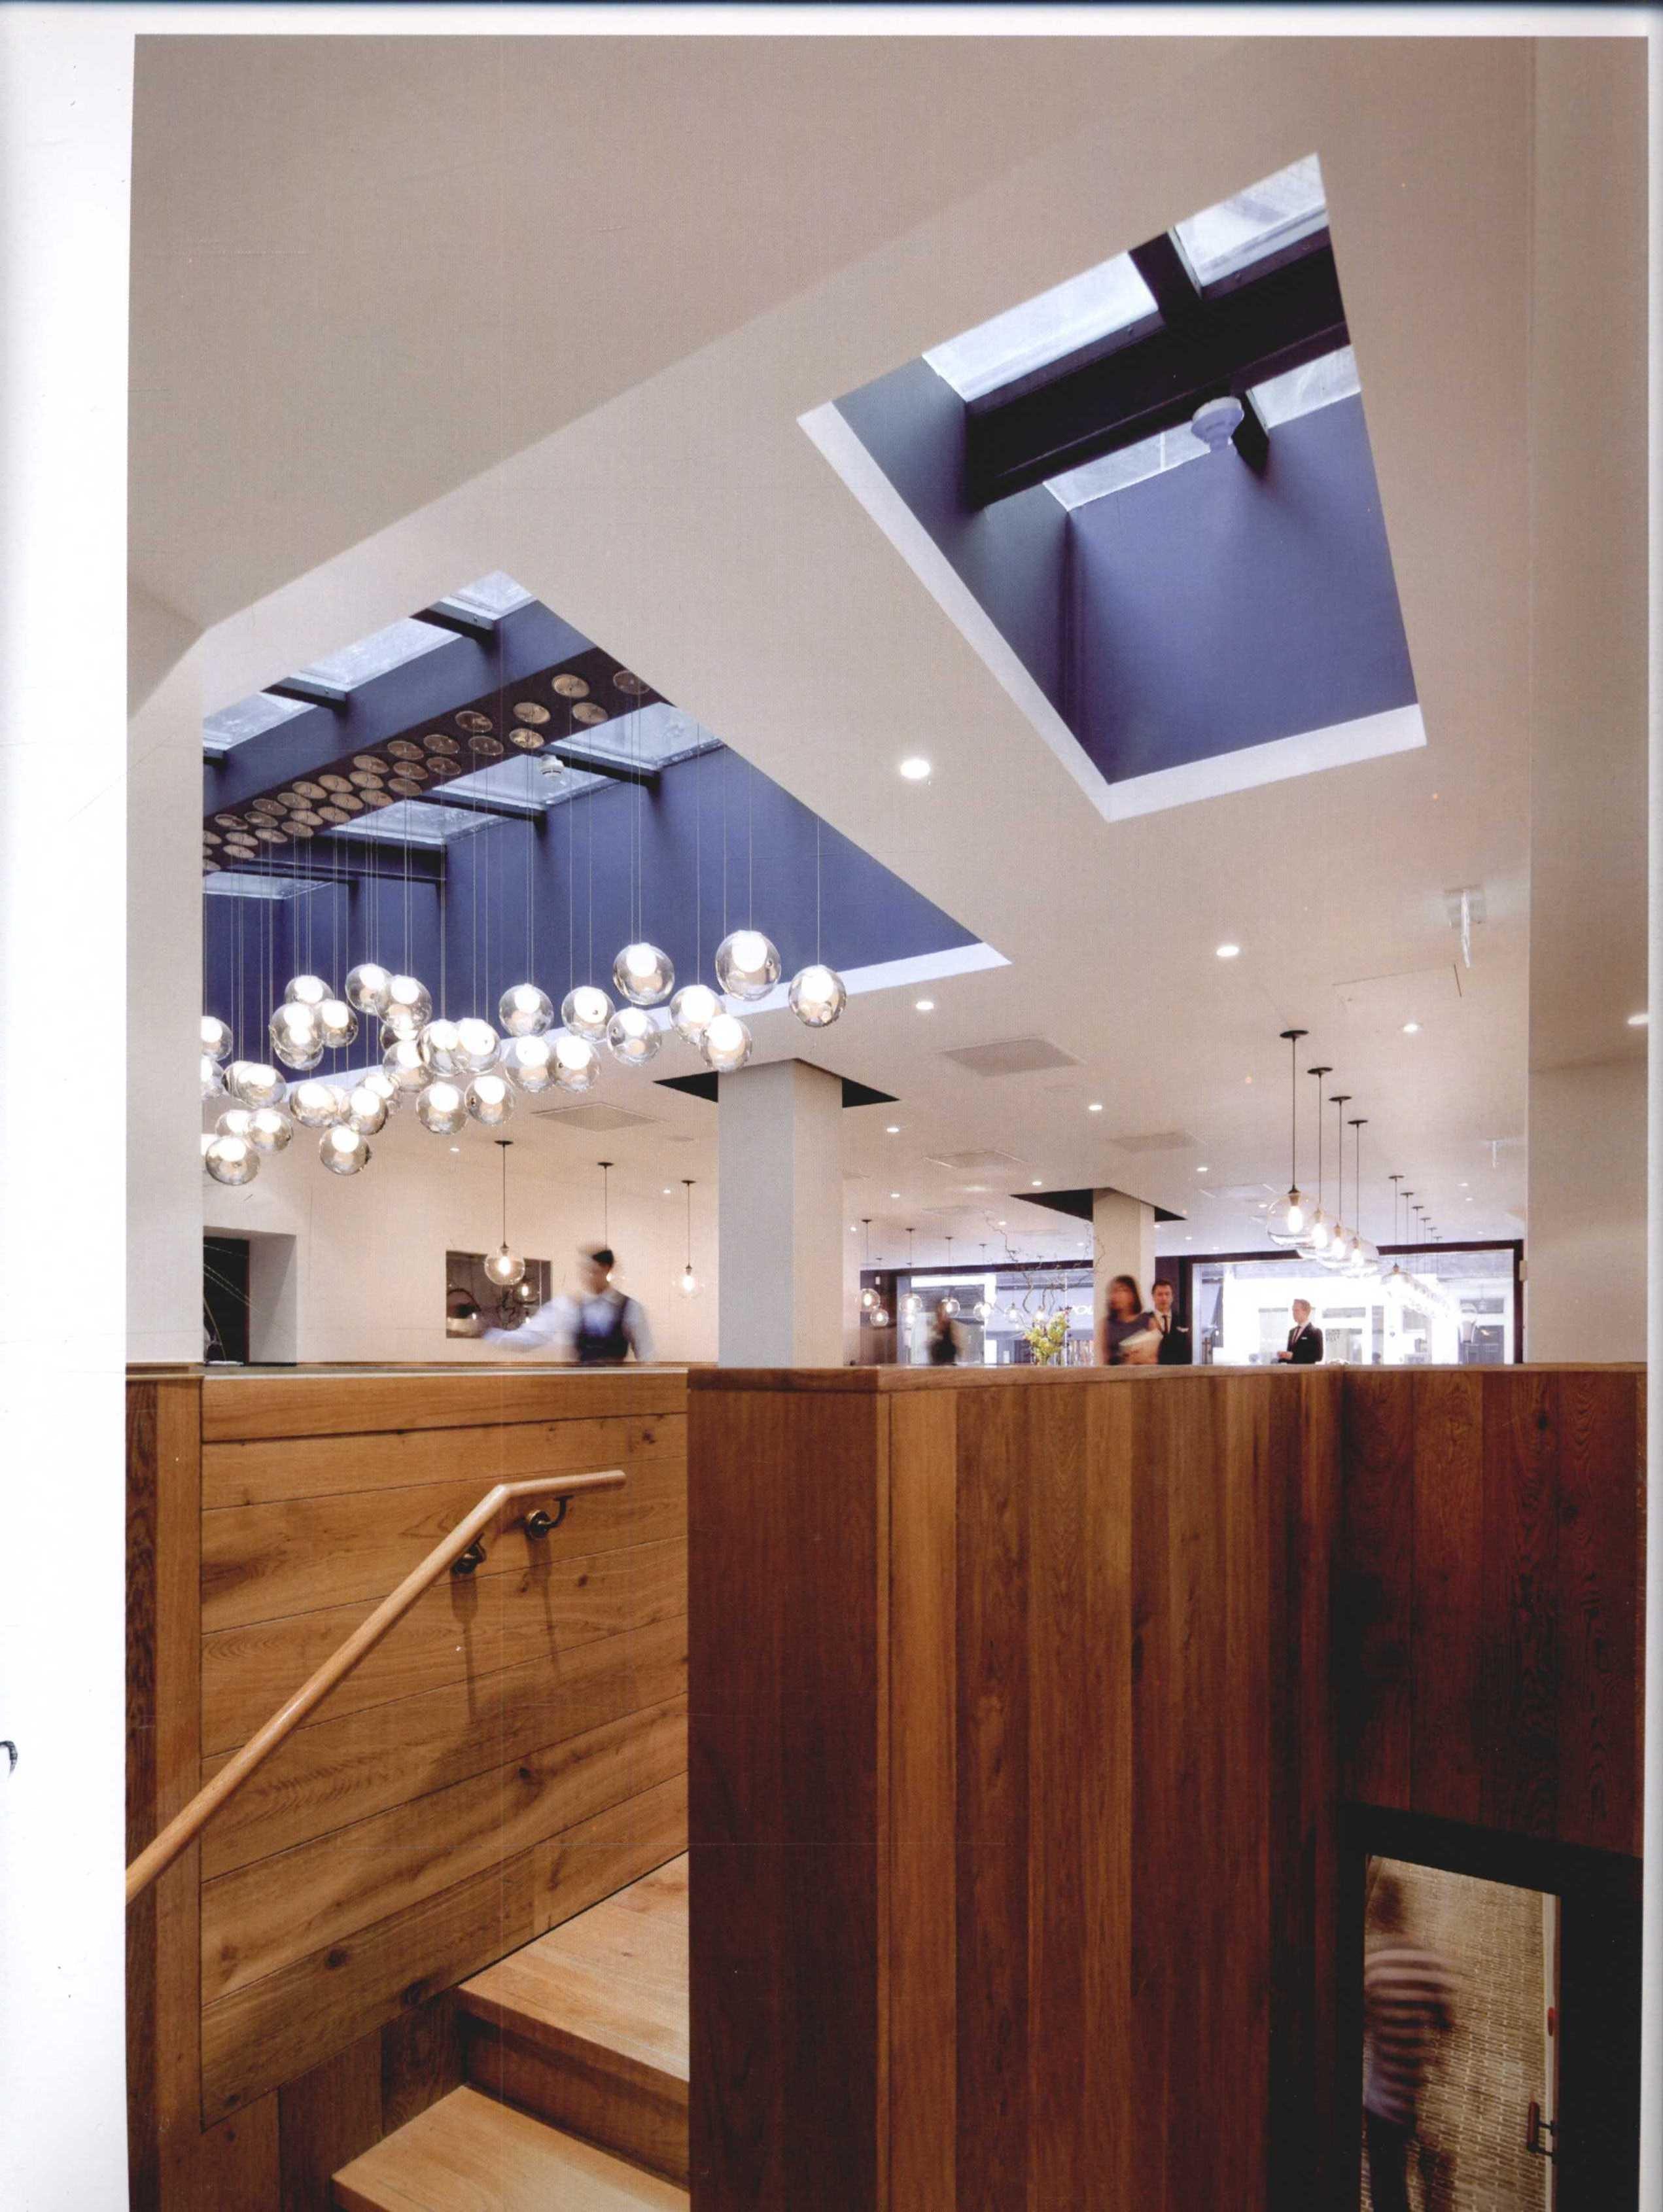 2012全球室内设计年鉴  餐饮_Page_288.jpg